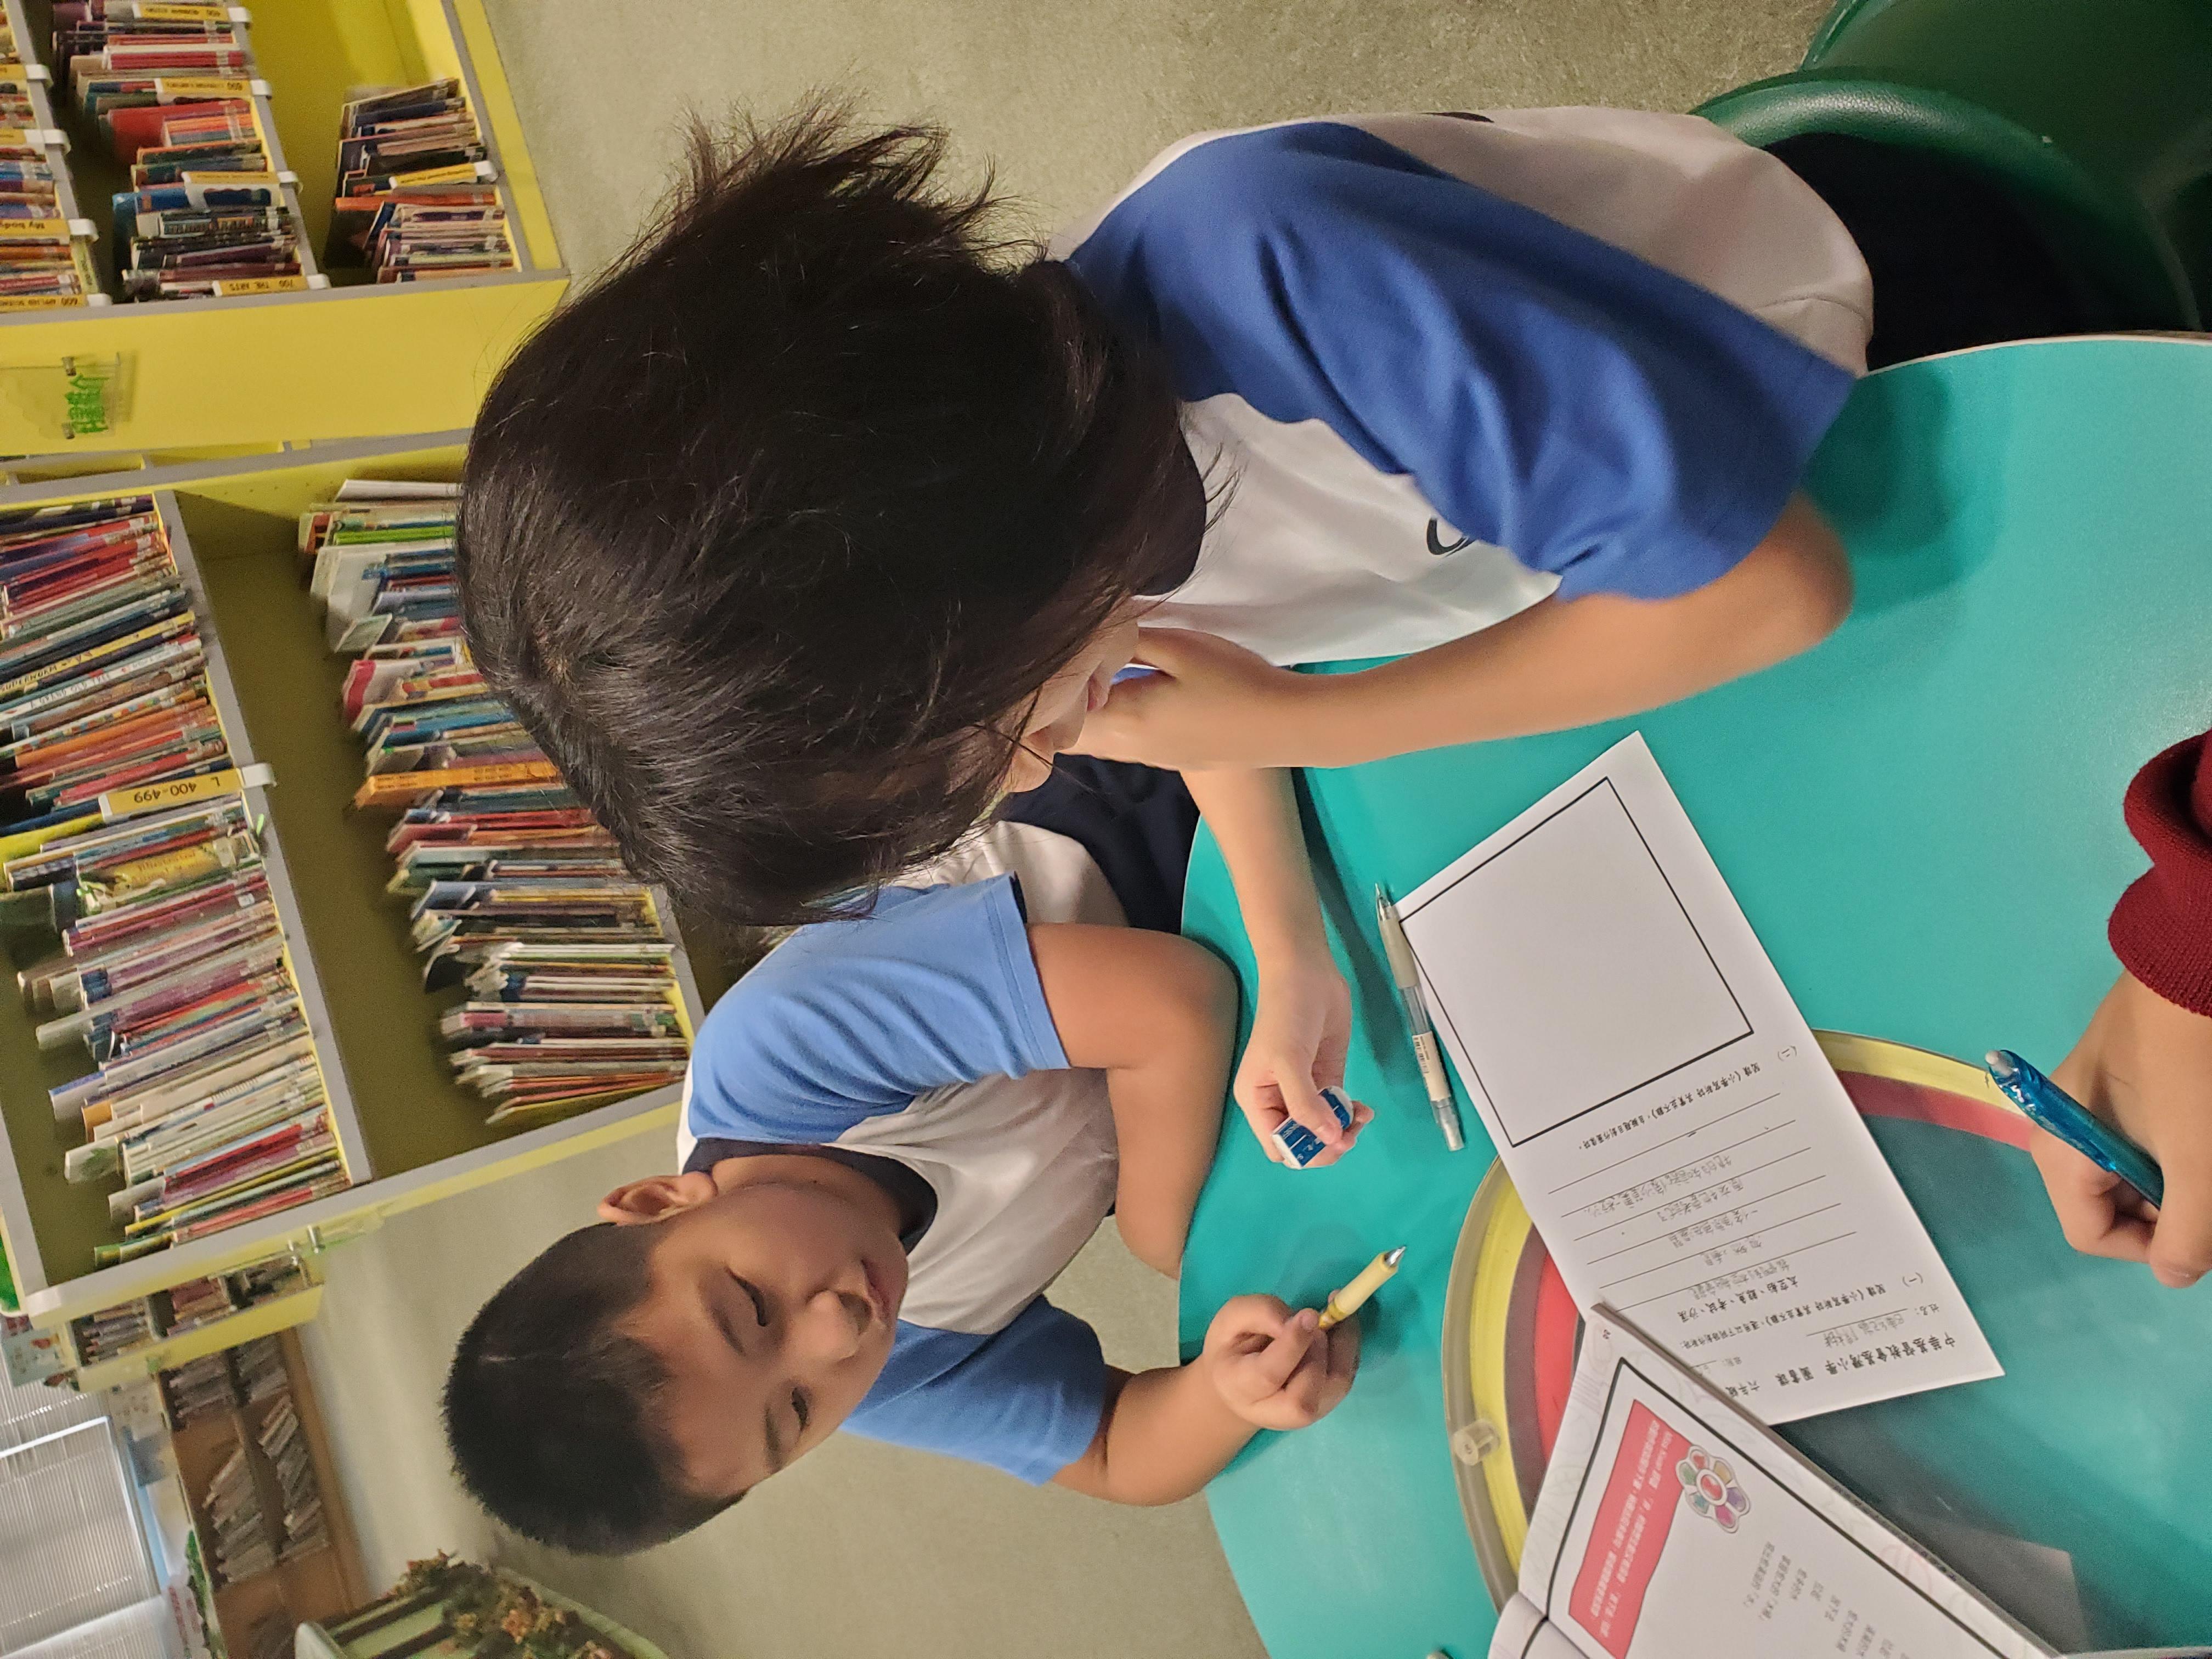 http://www.keiwan.edu.hk/sites/default/files/20191106_151538.jpg